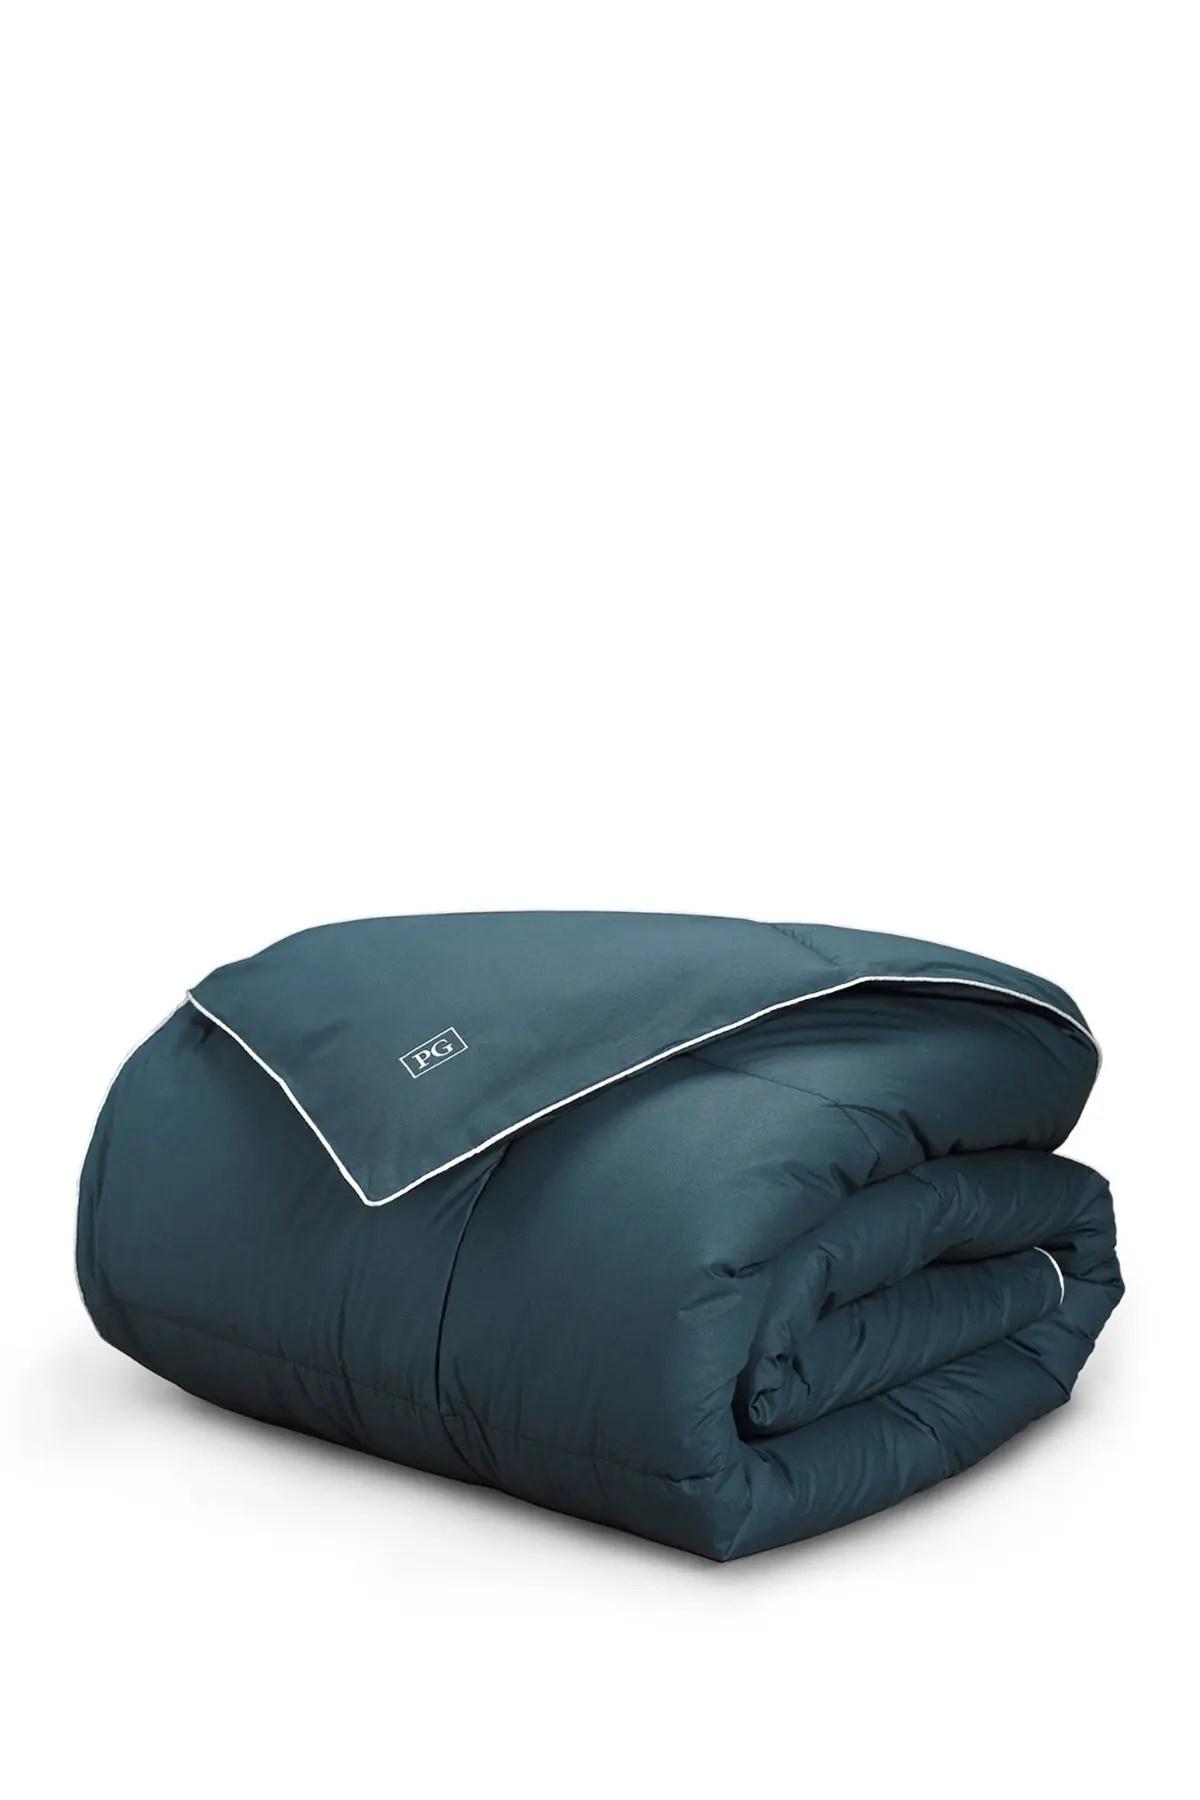 pillow guy navy teal all season down alternative comforter nordstrom rack